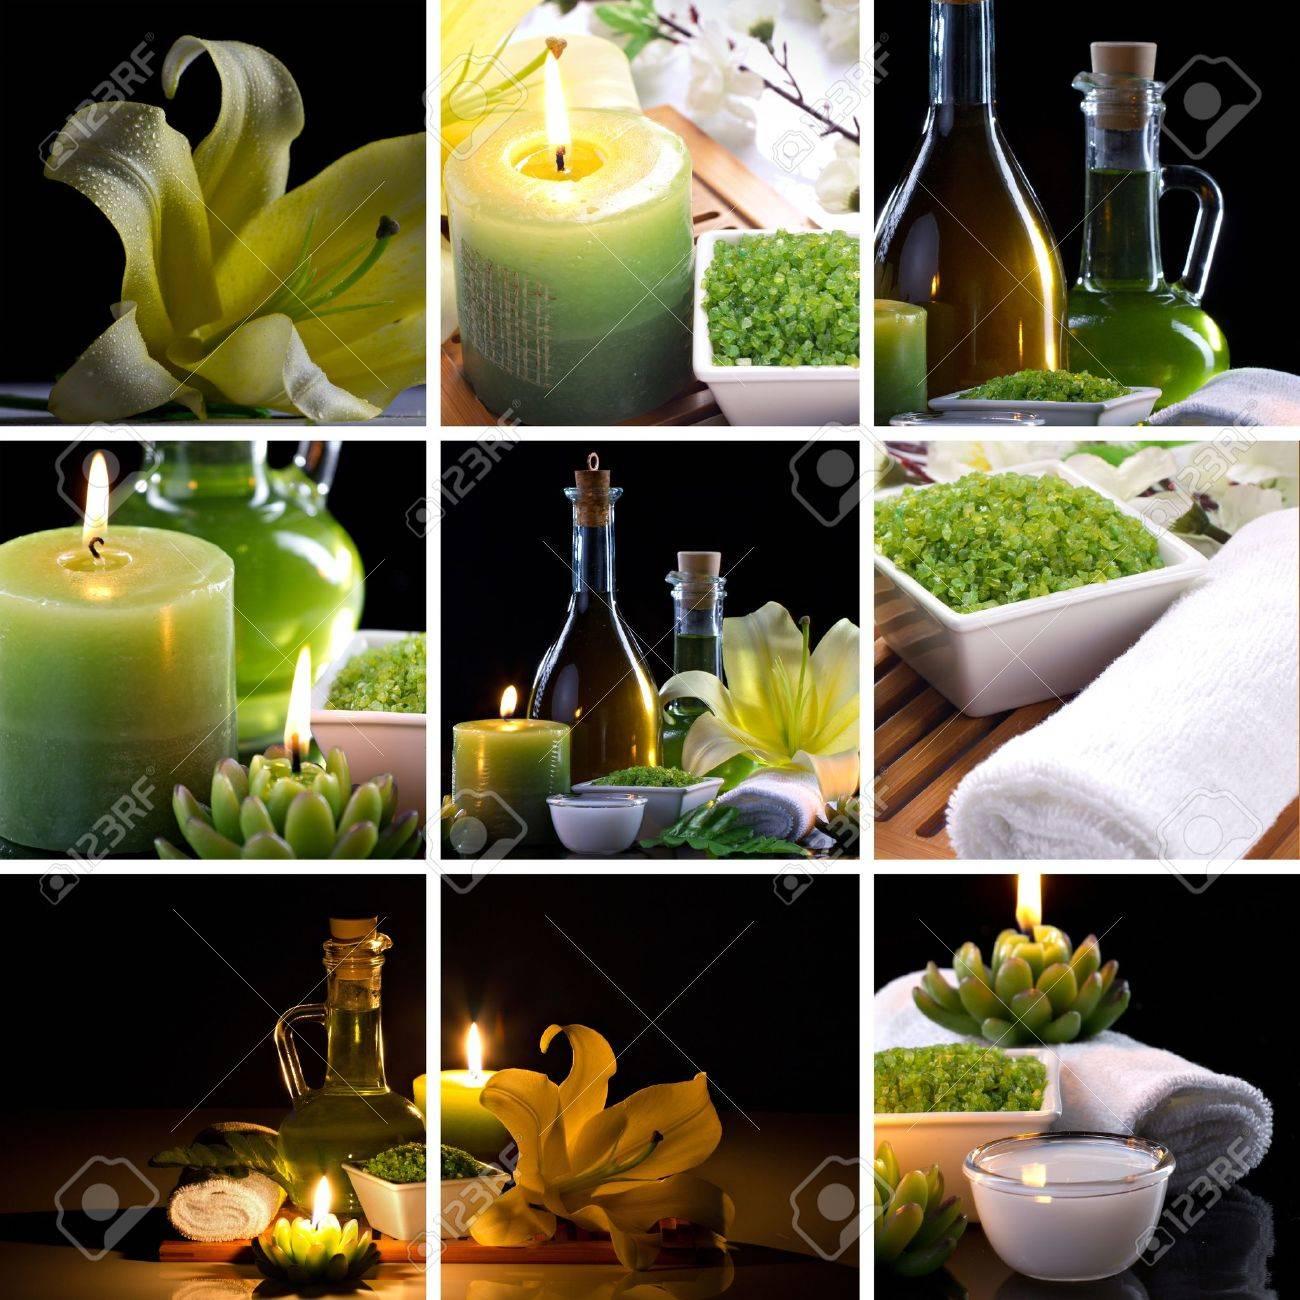 collage og spa accessories on dark background Standard-Bild - 14994591